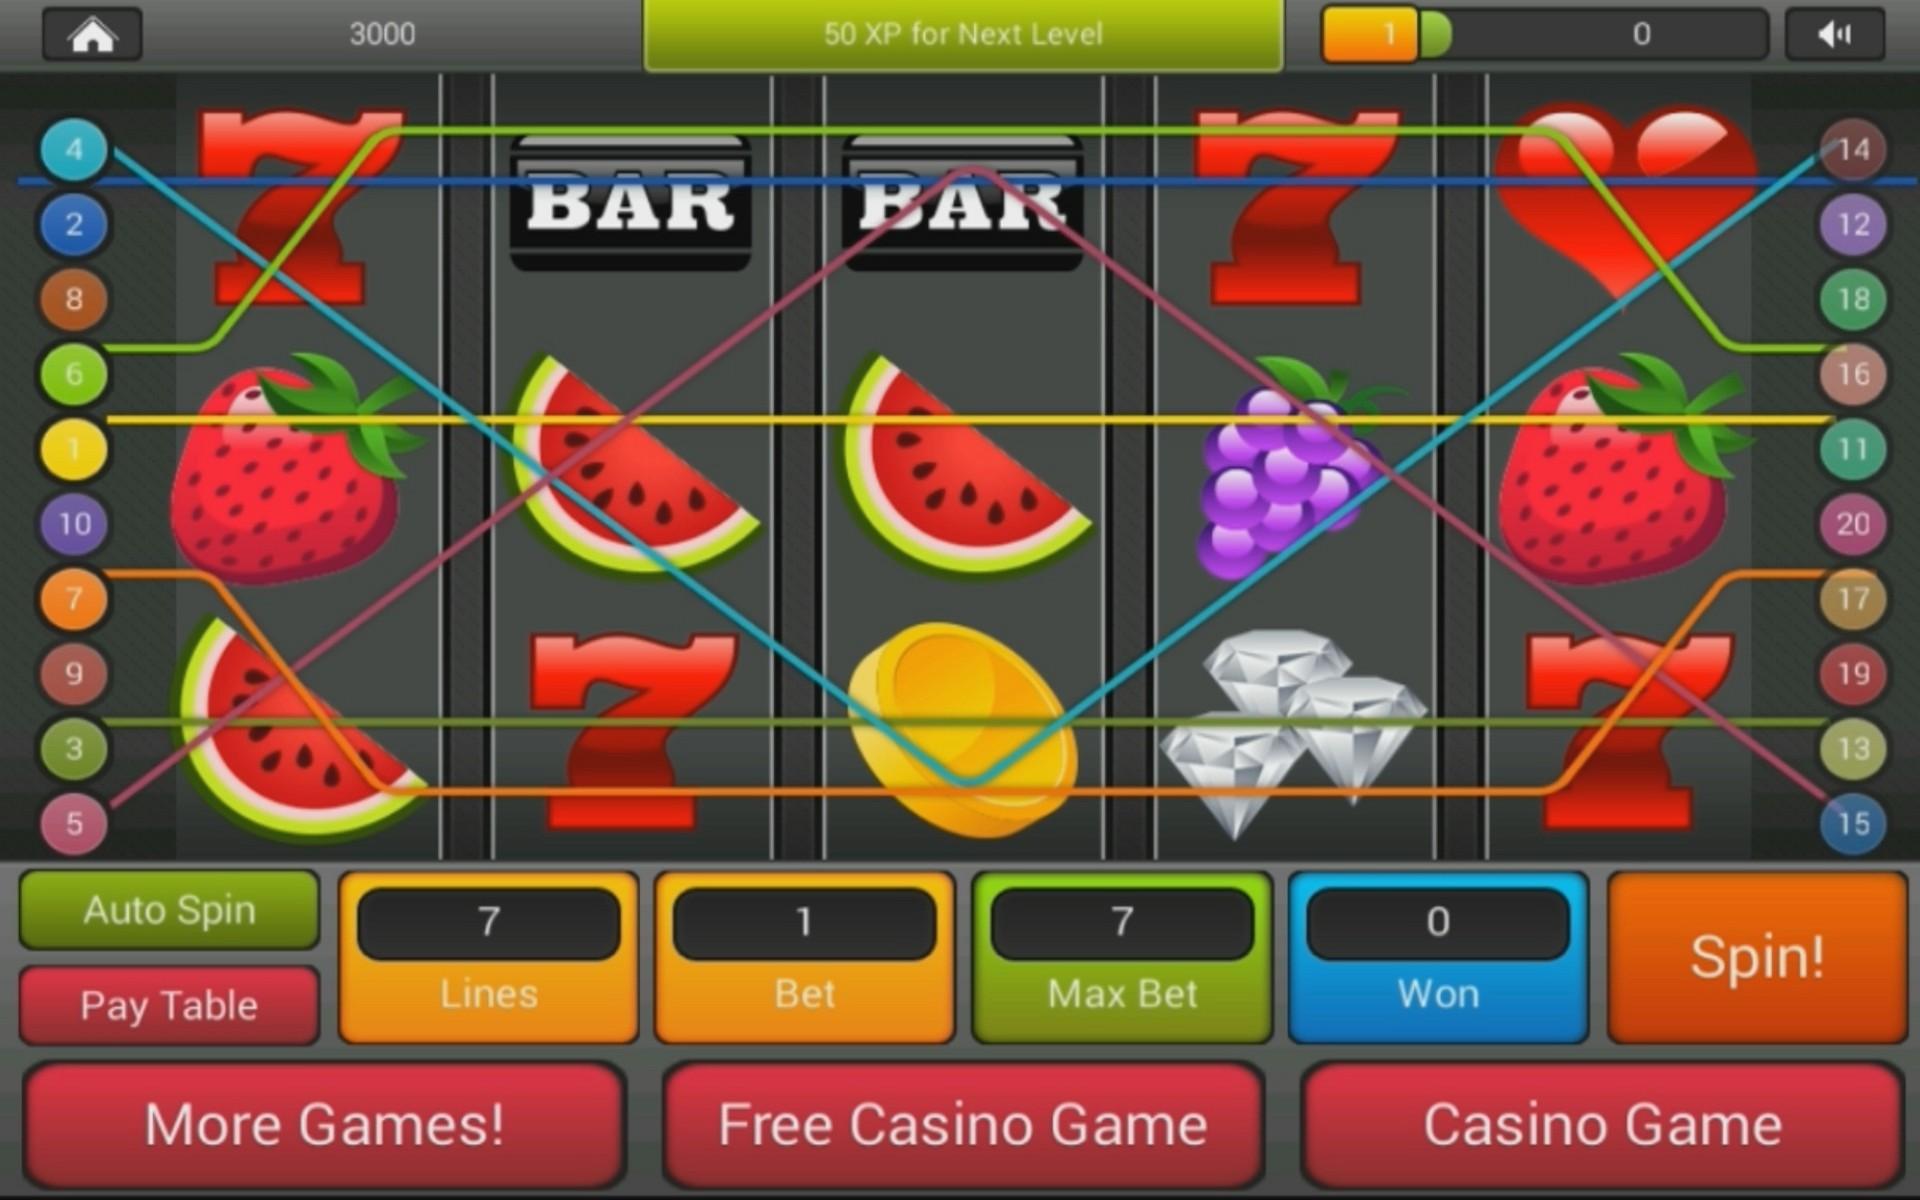 Codigo para maquinas tragamonedas juegos Jackpot Capital-469088